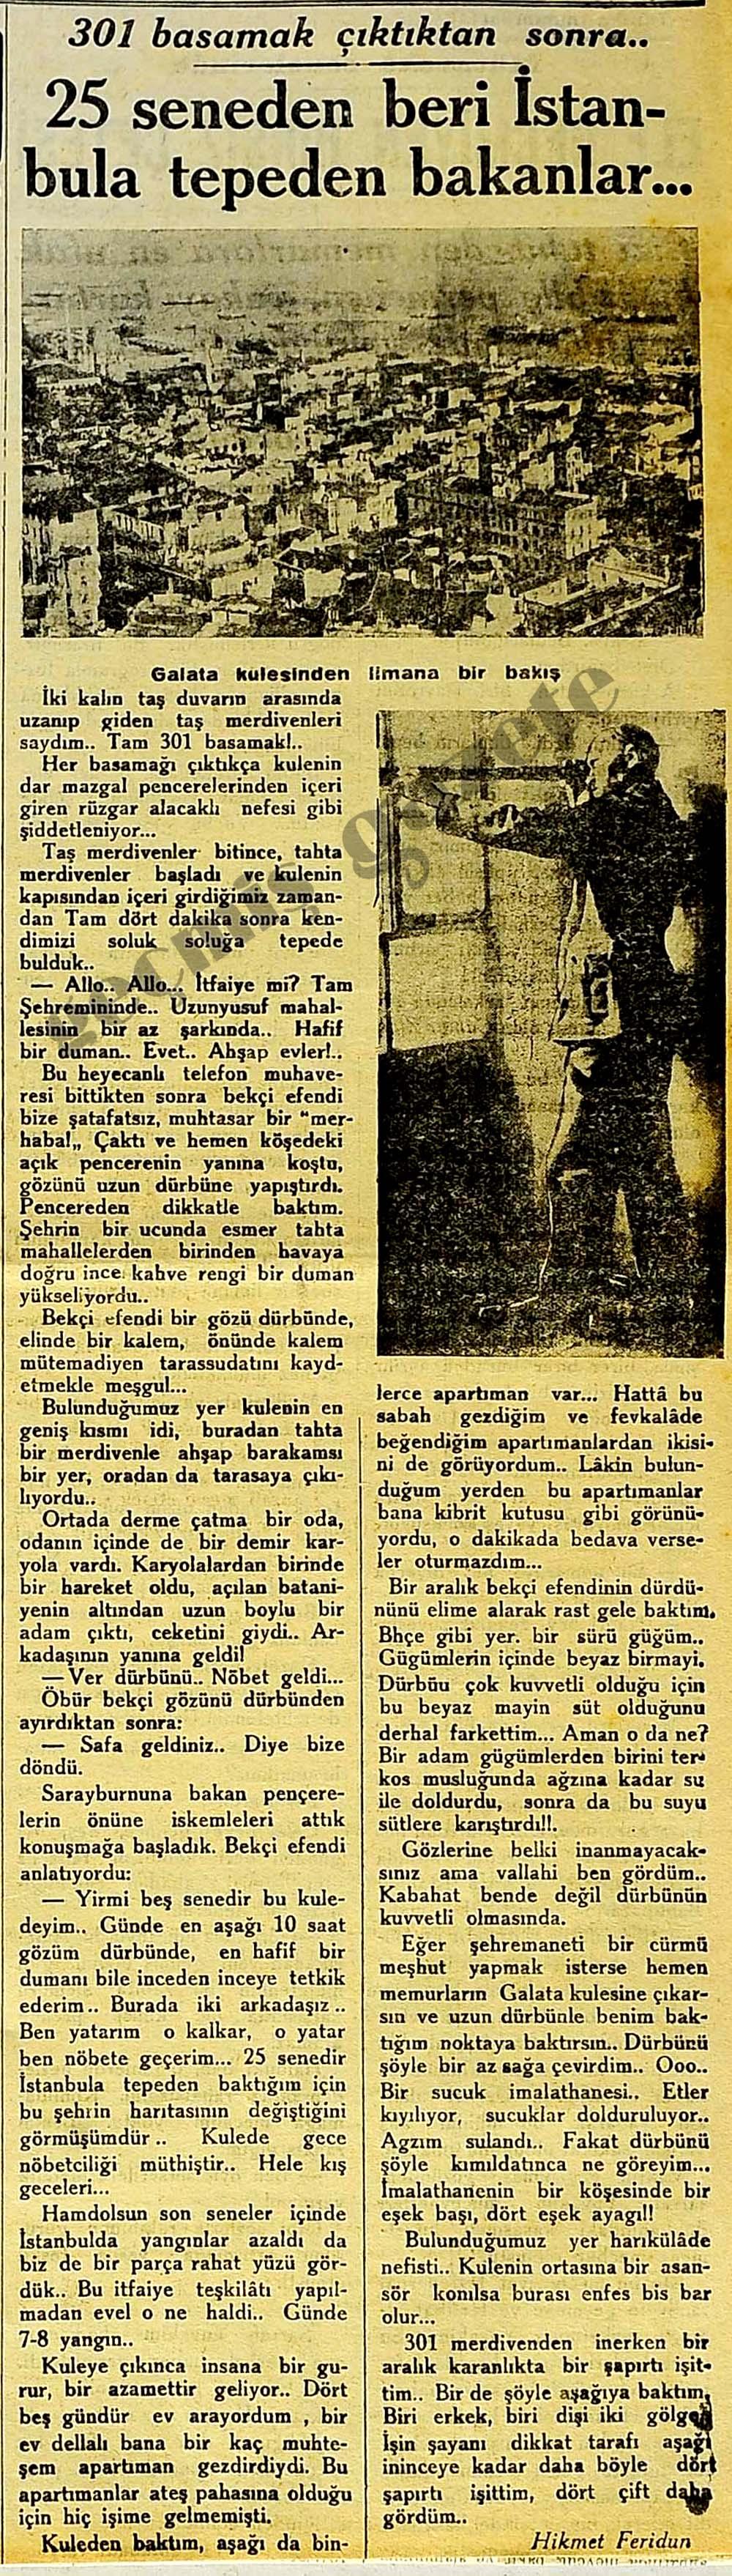 301 basamak çıktıktan sonra 25 seneden beri İstanbula tepeden bakanlar...